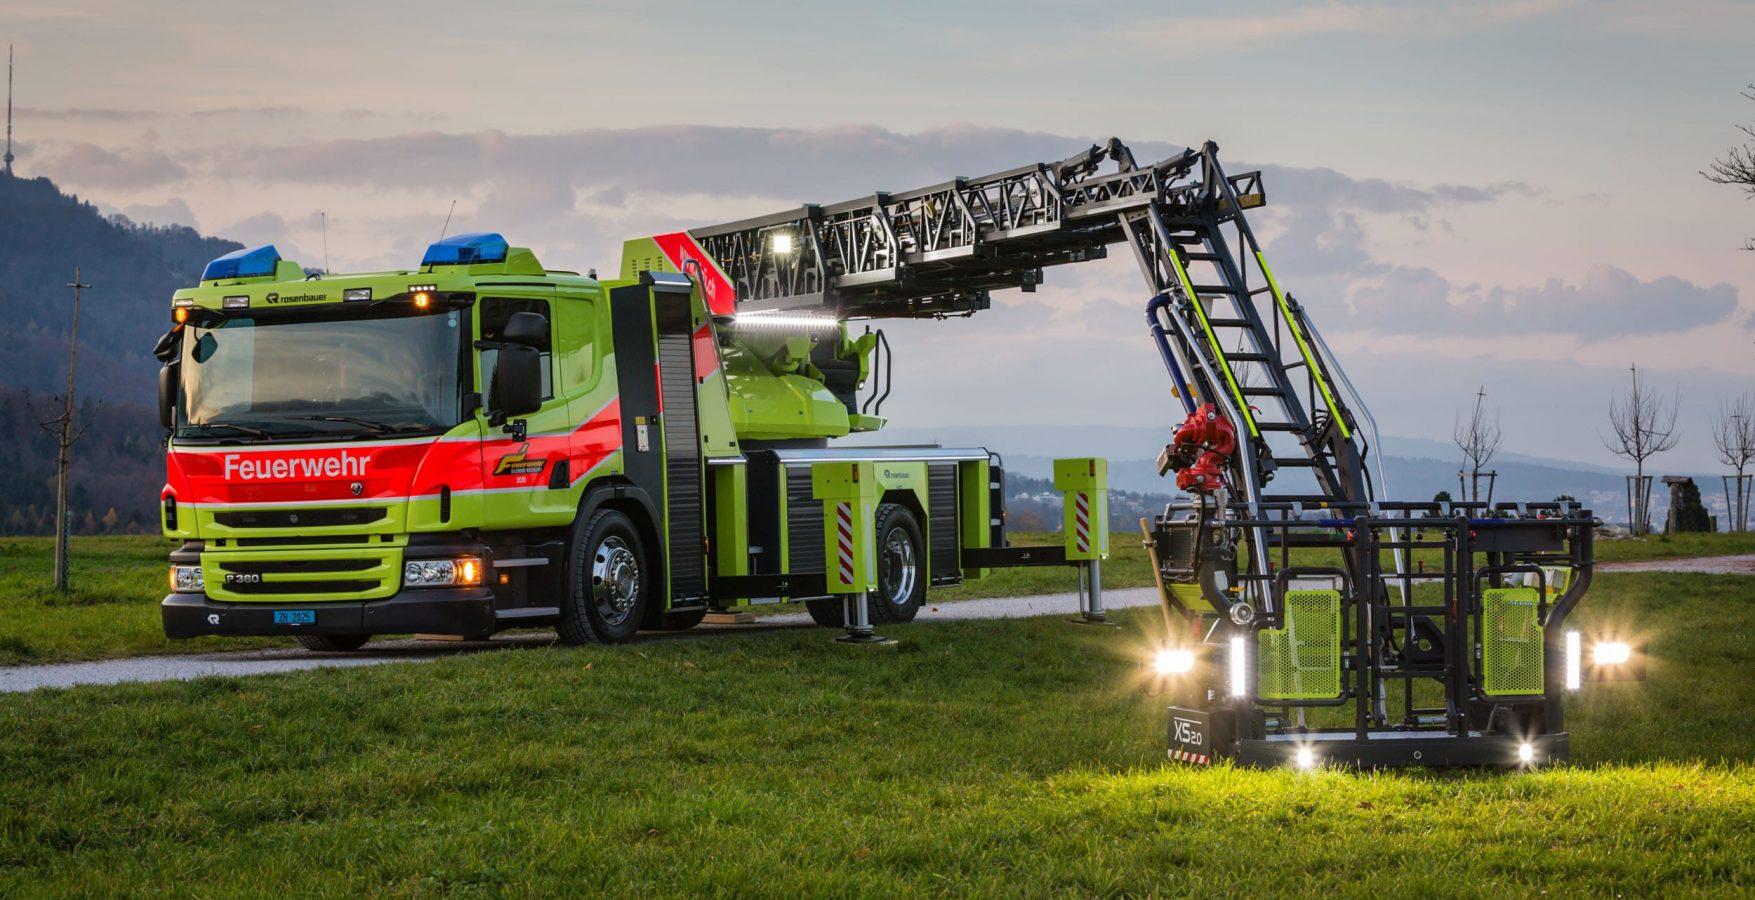 Feuerwehr Kirue Fahrzeug Drehleiter 6